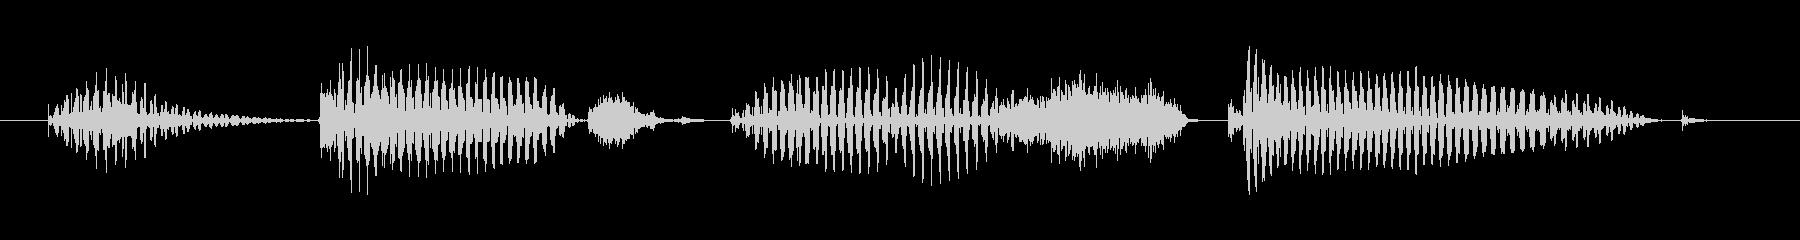 ティーンオスC:わかりませんの未再生の波形